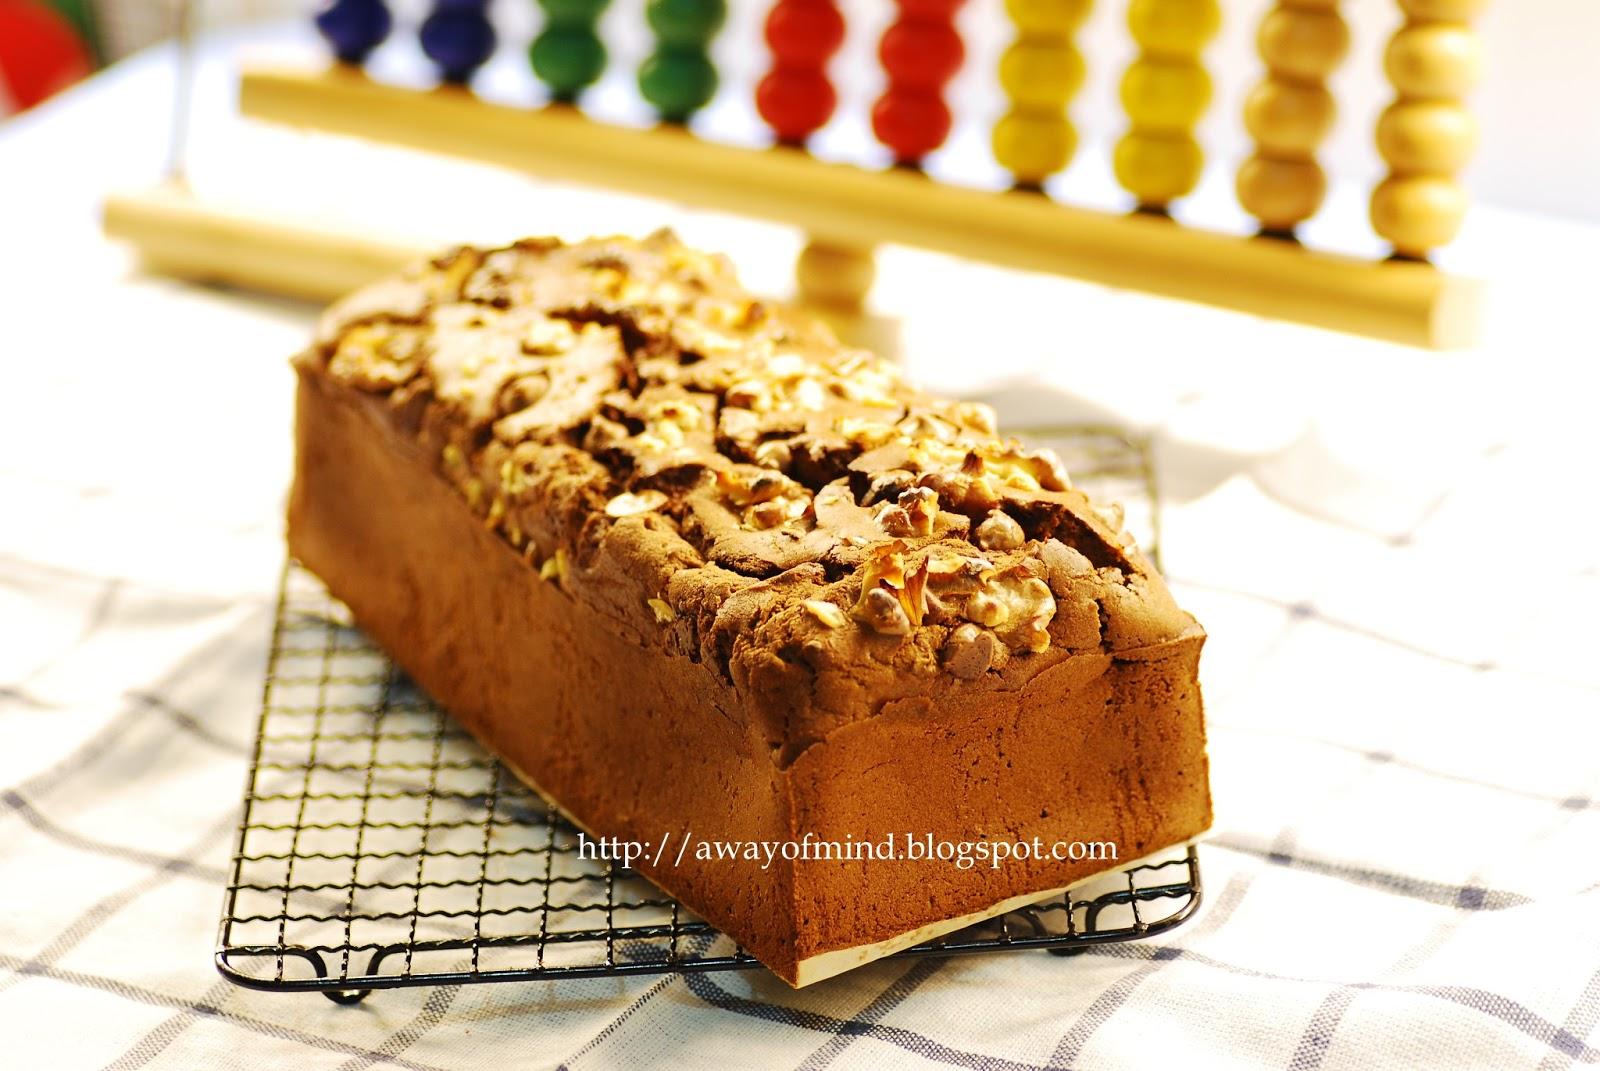 Awayofmind Bakery House: Deep Chocolate Pound Cake (Bake ...